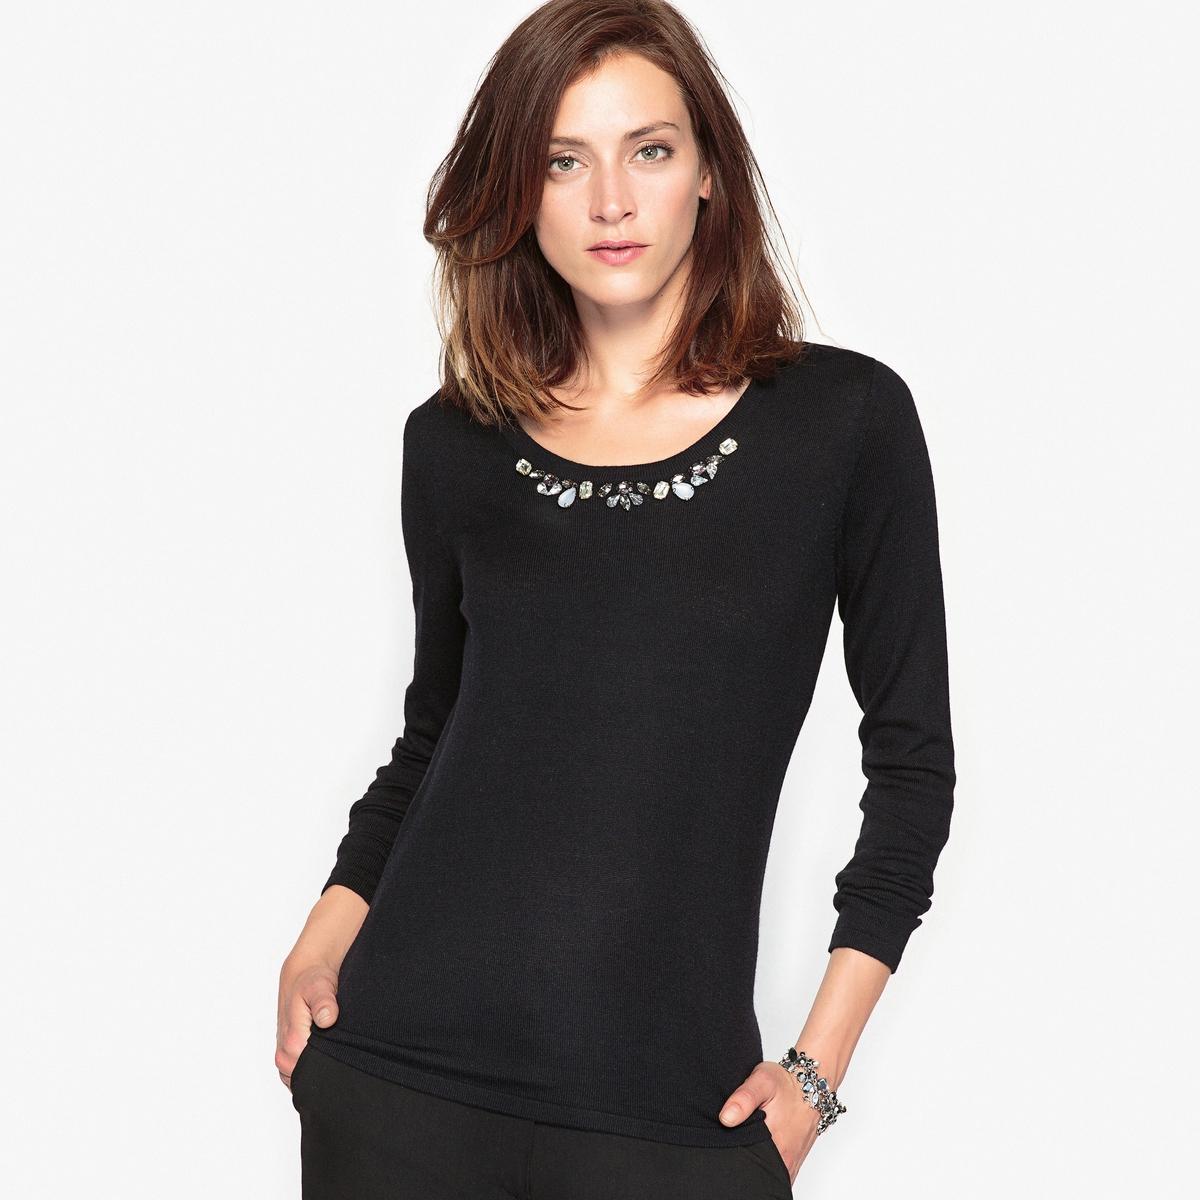 Пуловер с отделкой бижутерией, 10% шерсти